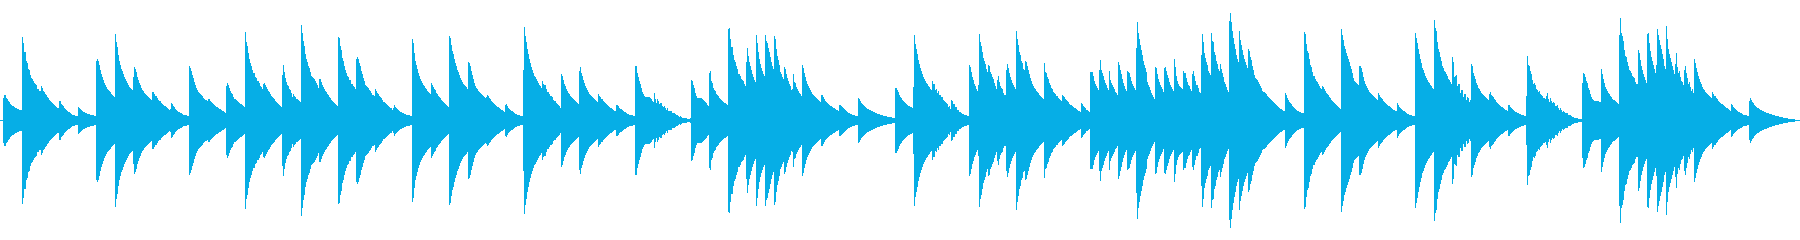 電話 保留音01-4(ノクターン)の再生済みの波形